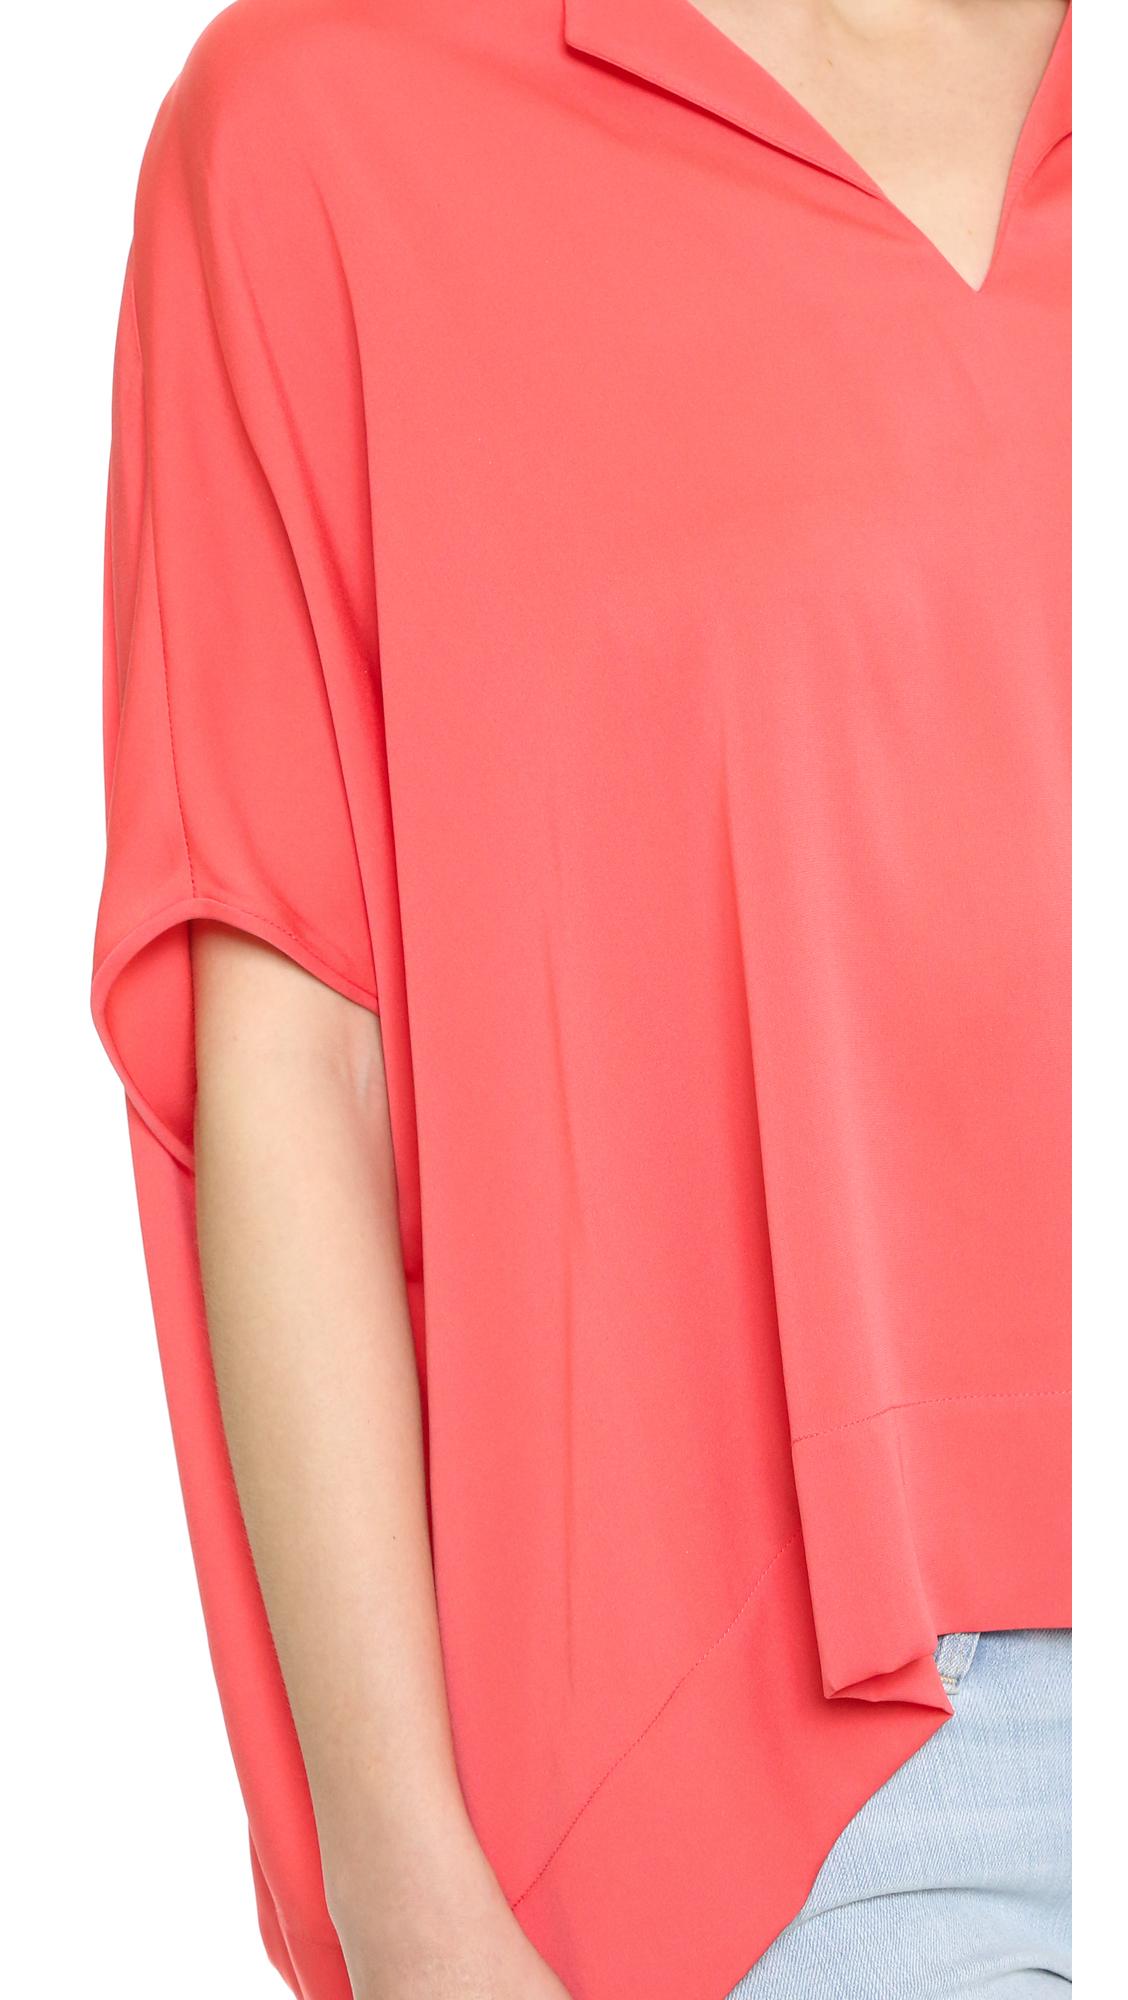 Diane von Furstenberg Kora Stretch-silk Top in Coral (Pink)